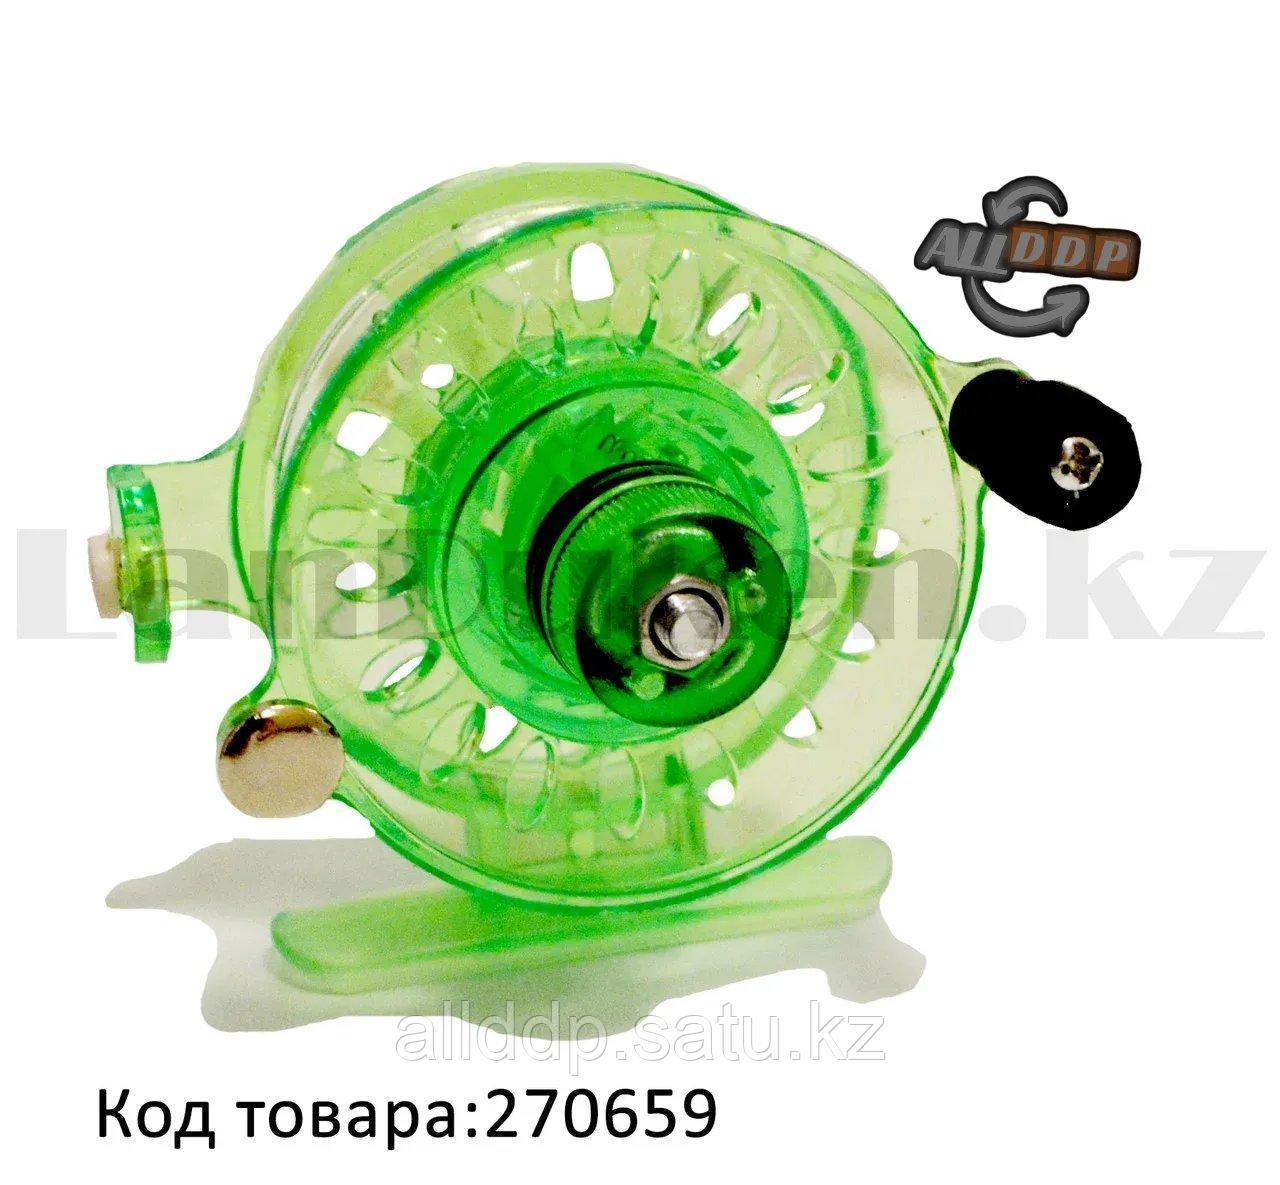 Инерционная катушка с направителем для лески для удочки металлическая зеленая - фото 1